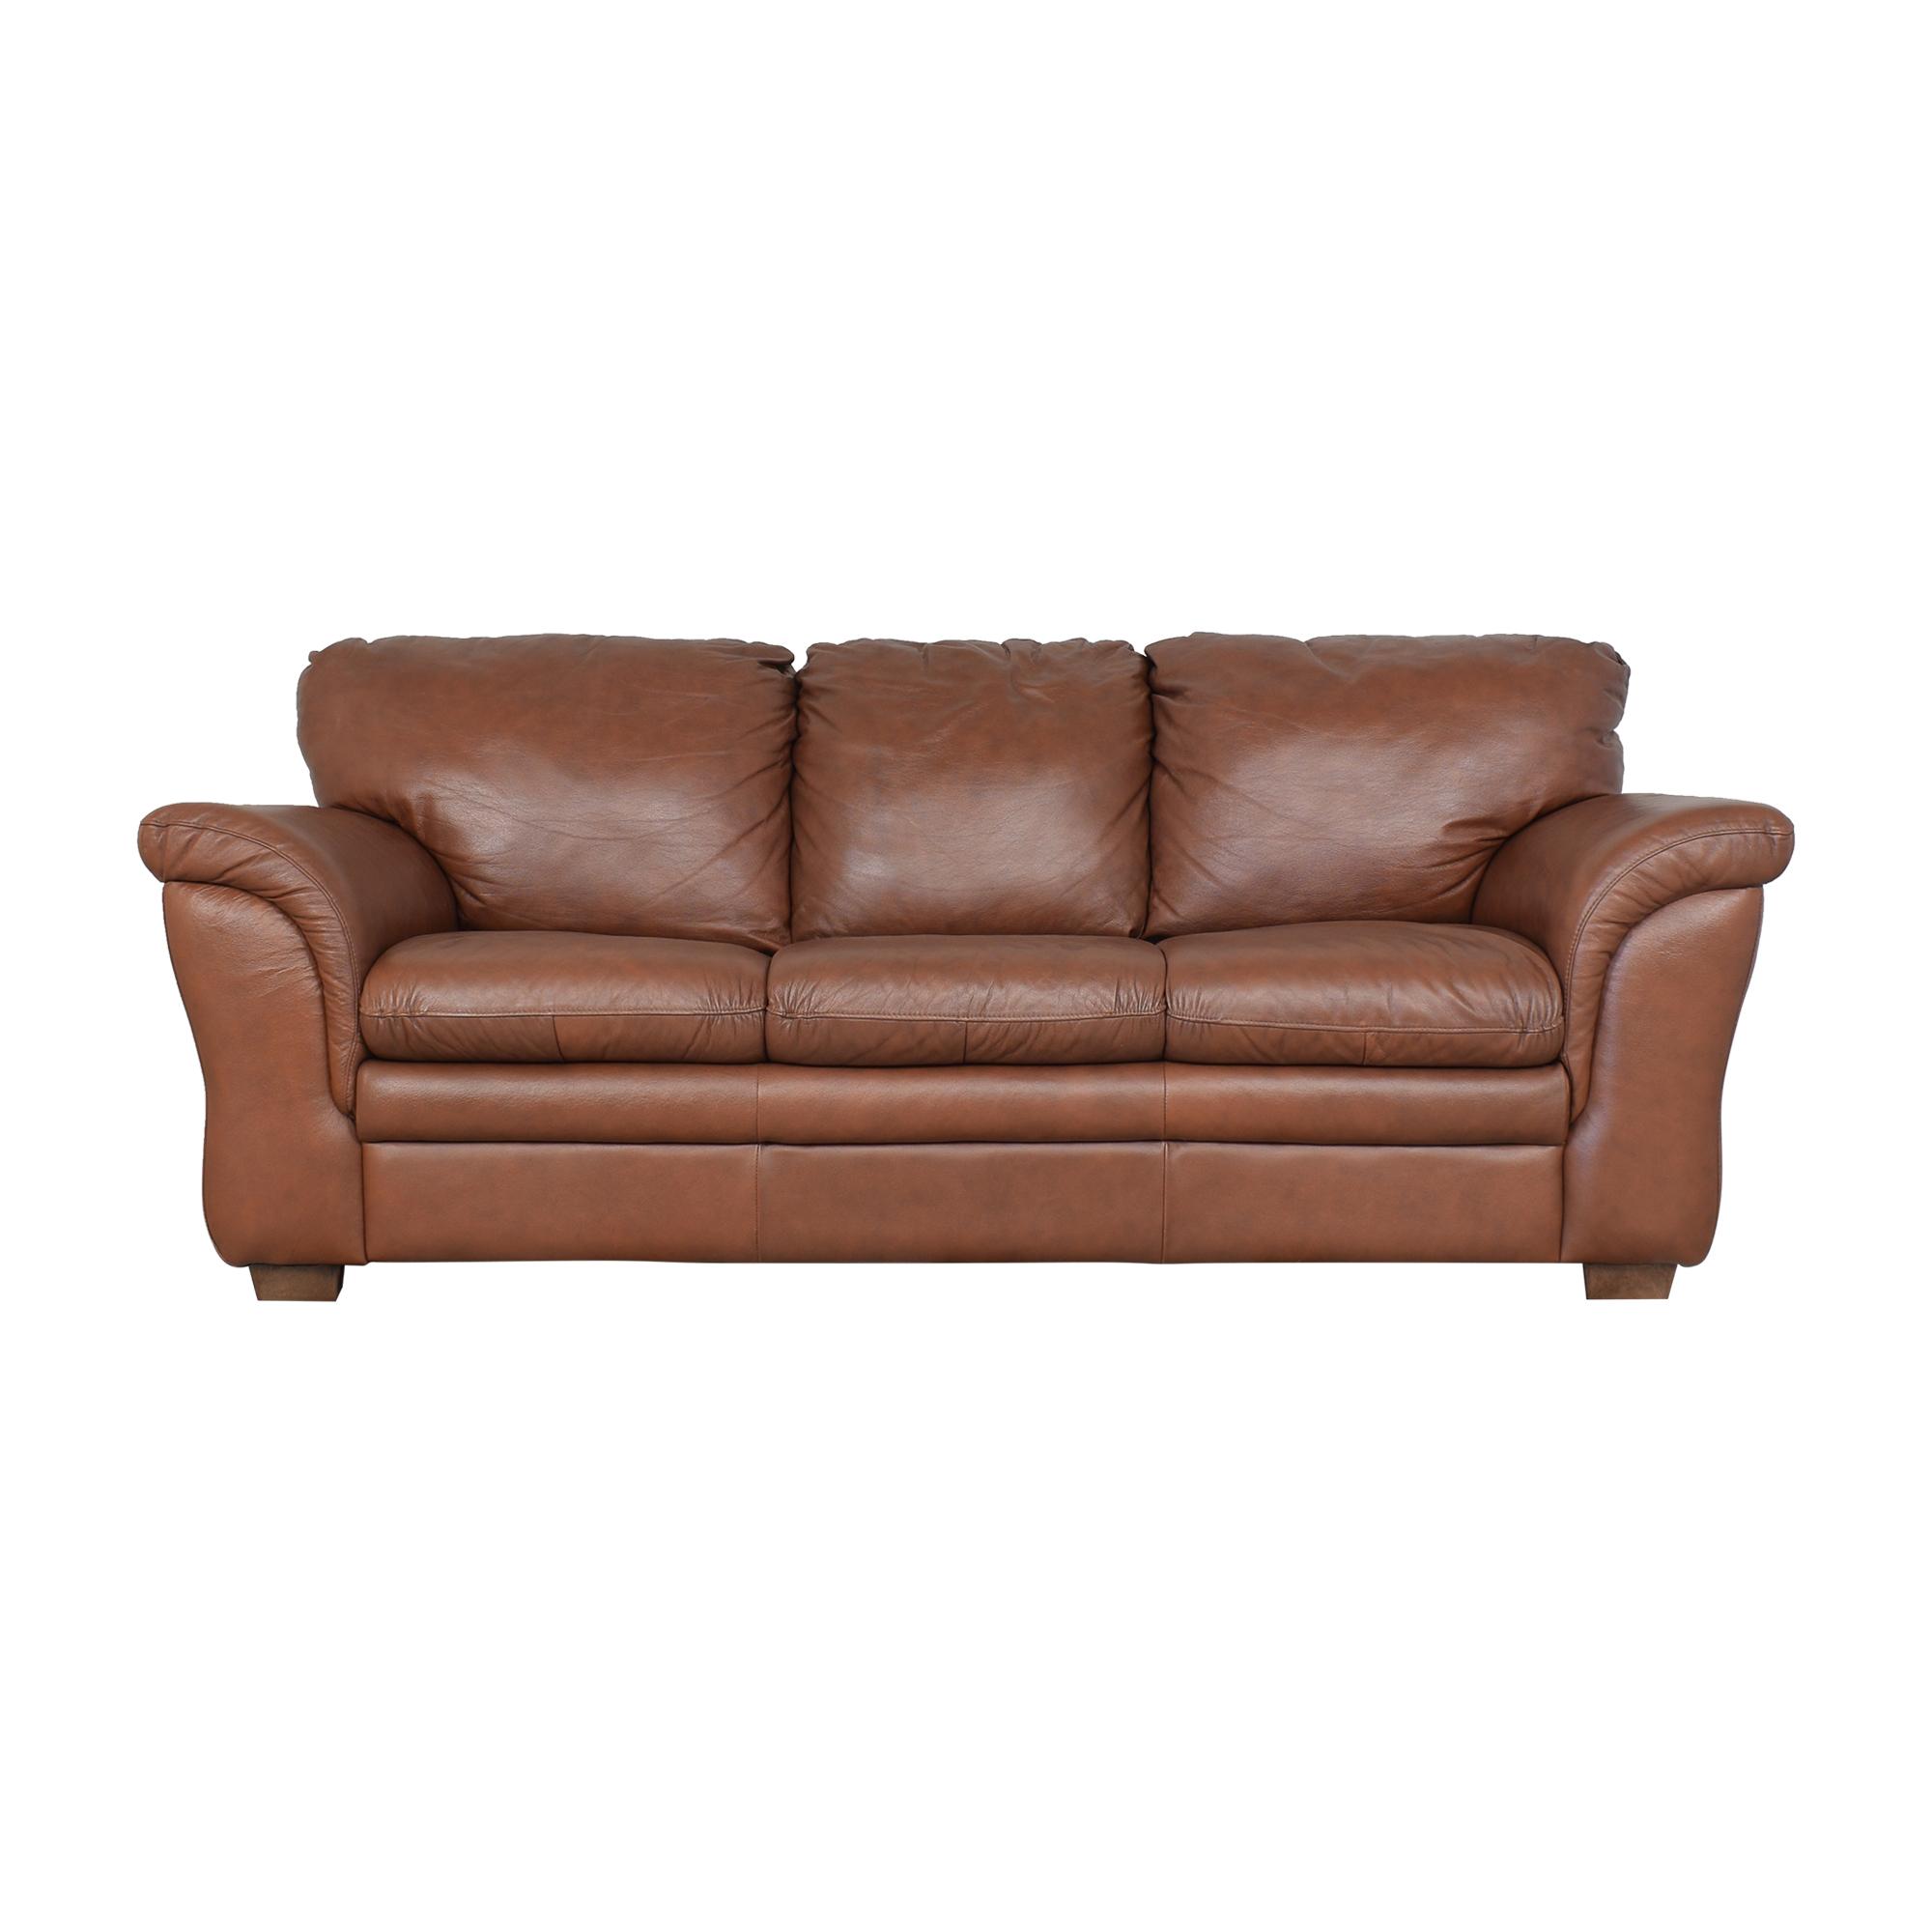 Chateau d'Ax Three Cushion Sofa Bed / Sofas